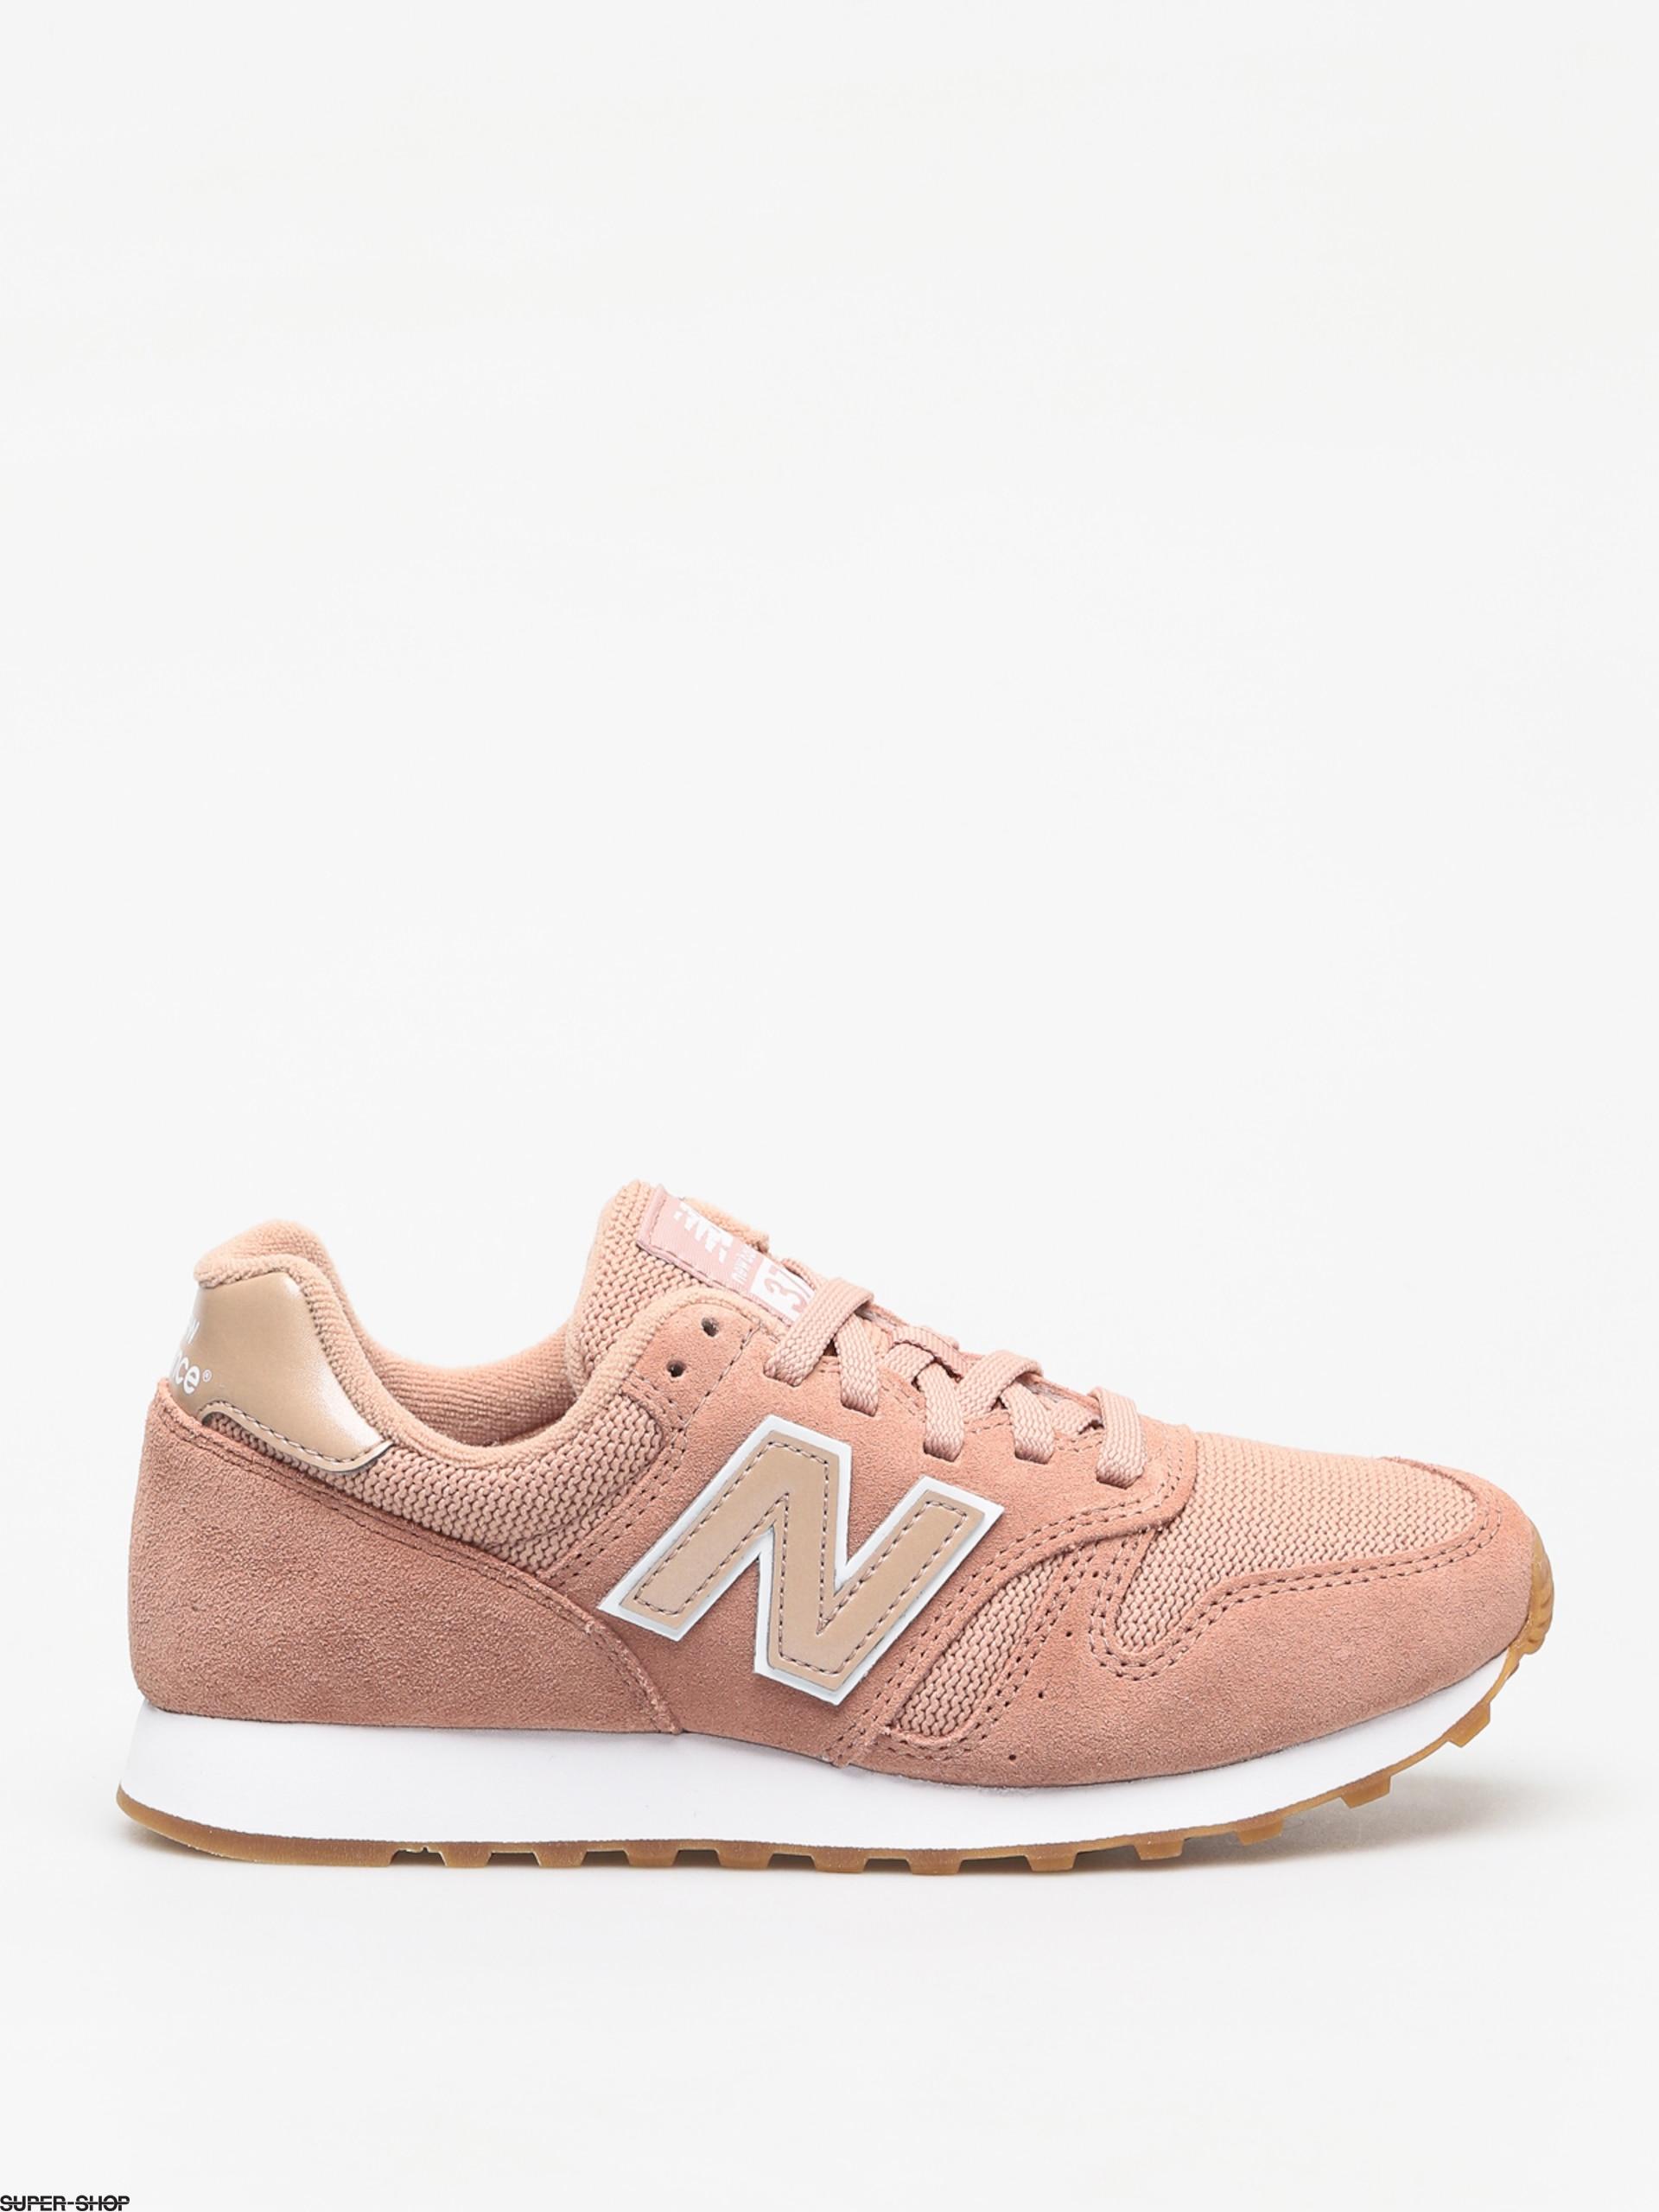 a757610d8 1013773-w1920-new-balance-373-shoes-wmn-pink-sand.jpg